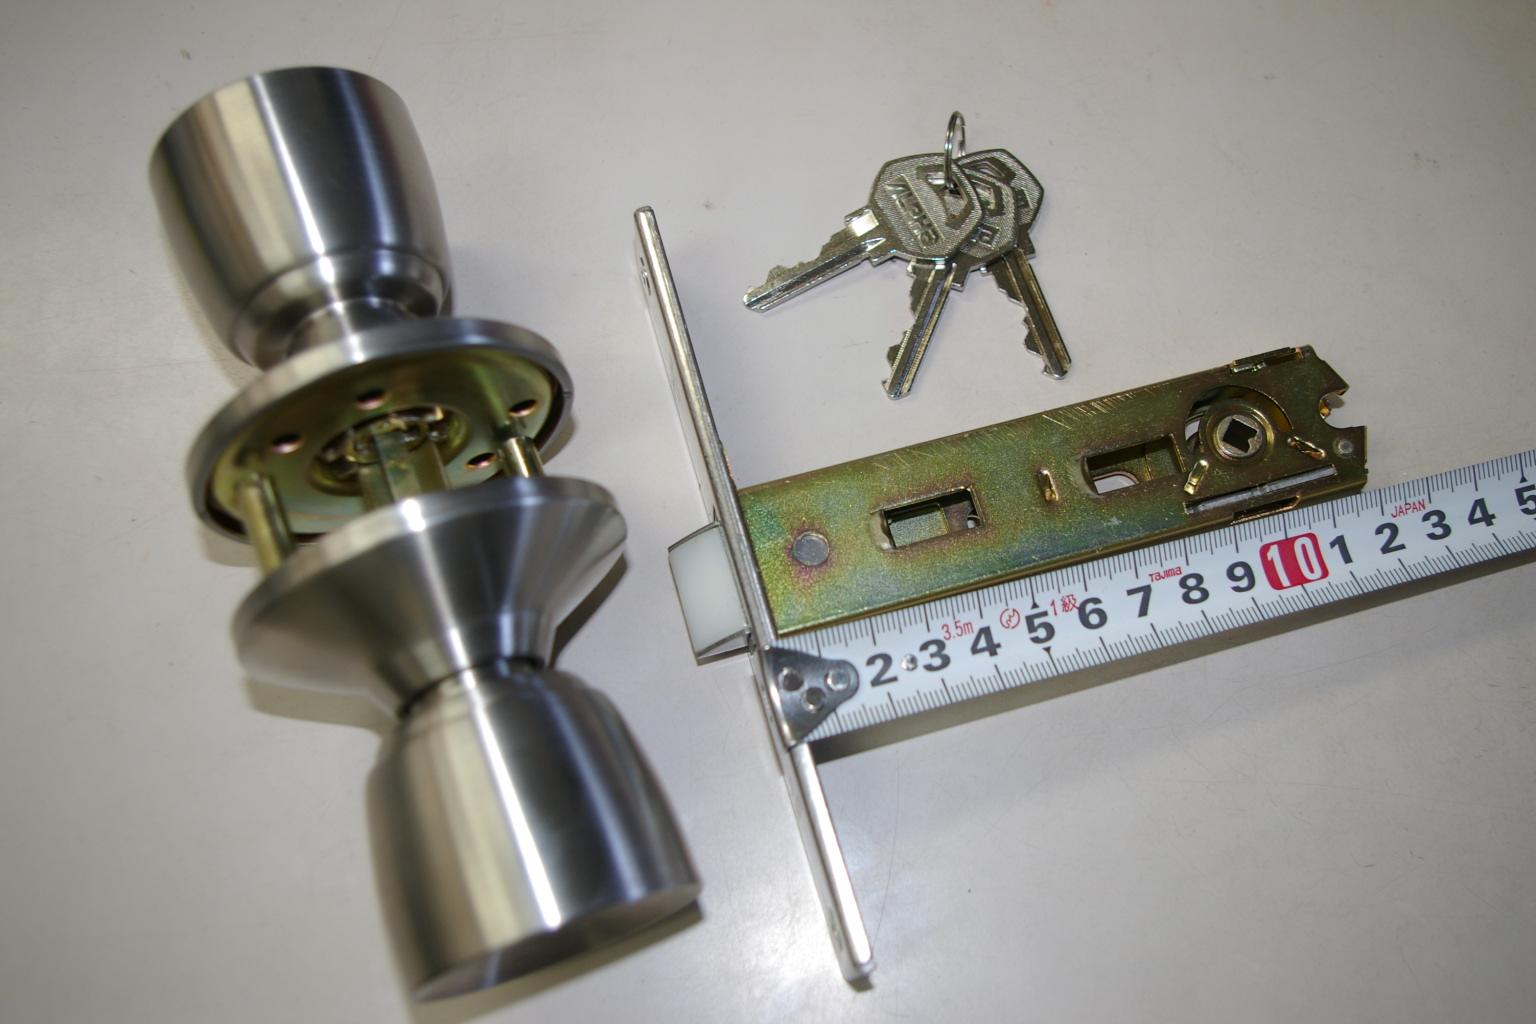 ドアノブの交換方法は意外にも簡単!外し方を理解しておきましょう!のサムネイル画像